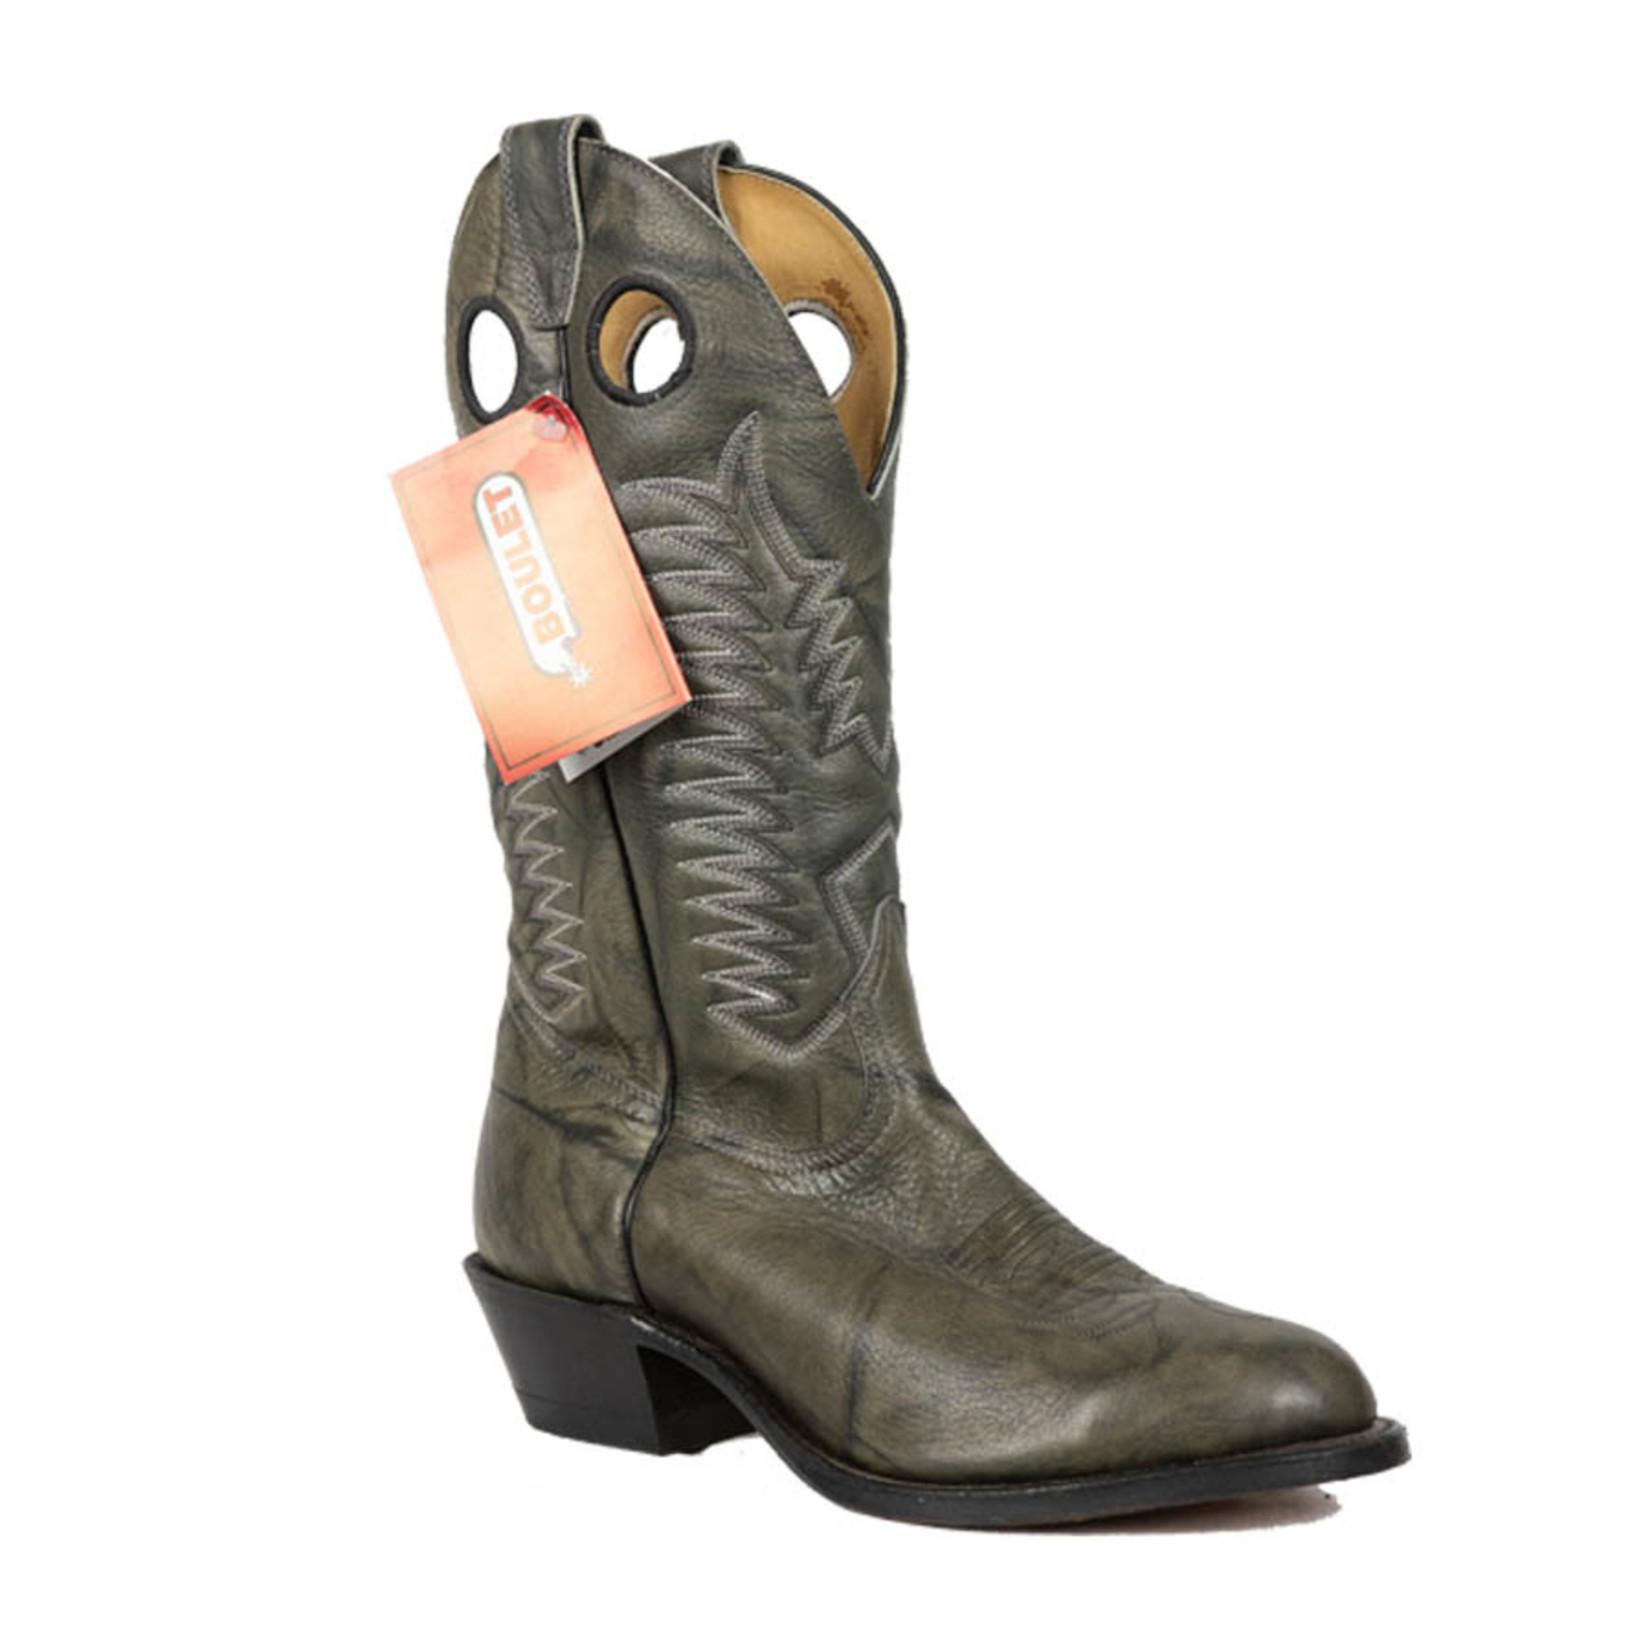 Boulet Boulet Men's Cowboy Boot 9101 5E